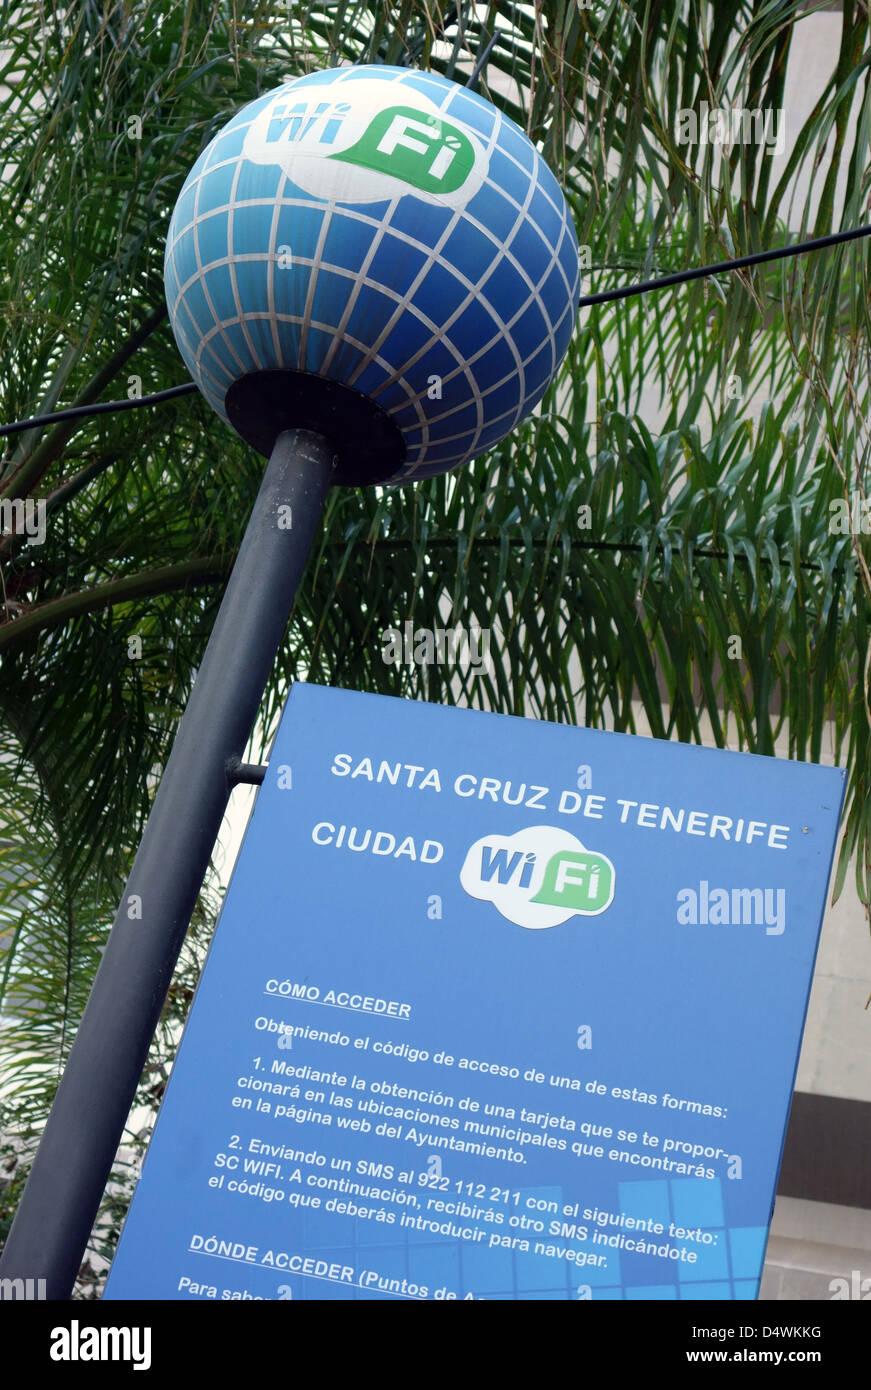 Información sobre el acceso a wi-fi pública en la calle en Santa Cruz de Tenerife, Islas Canarias Imagen De Stock